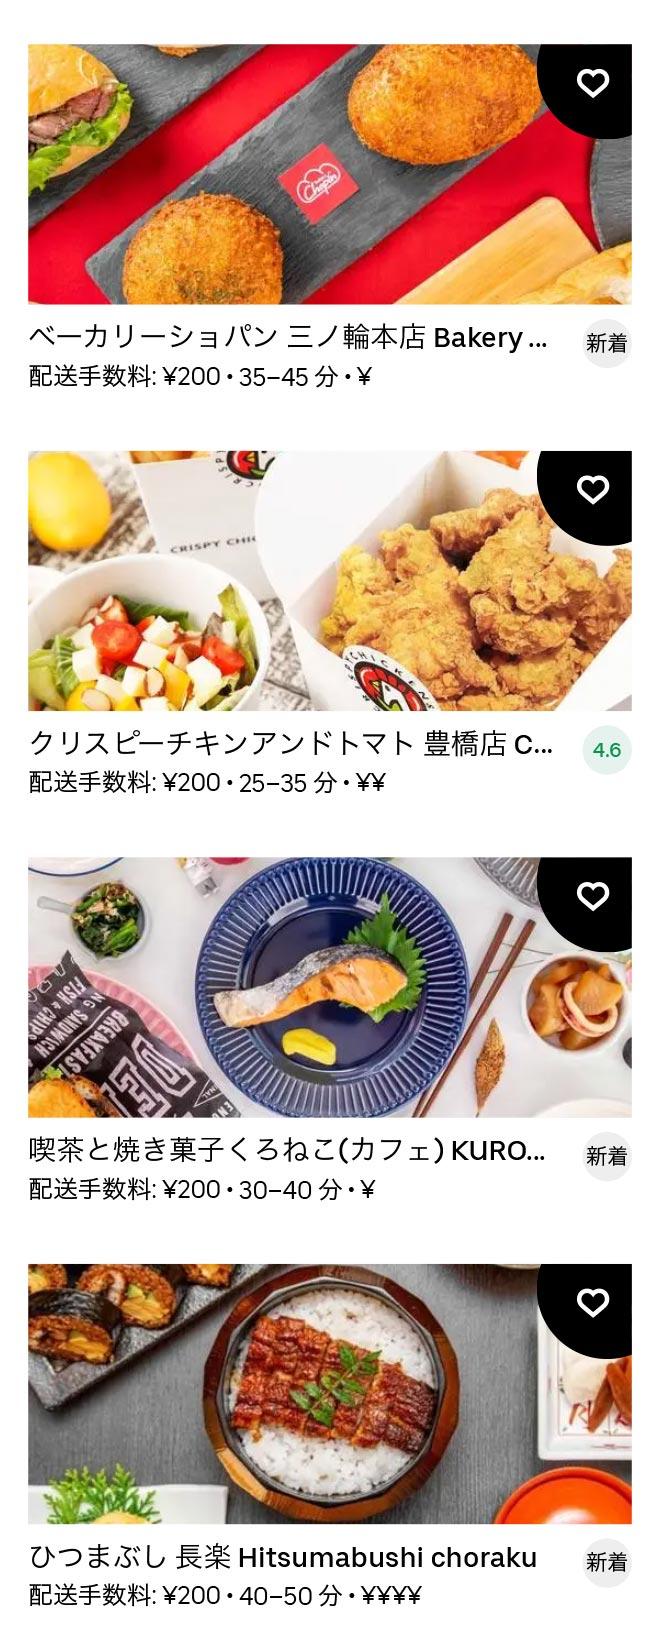 Aichi daigaku menu 2012 05